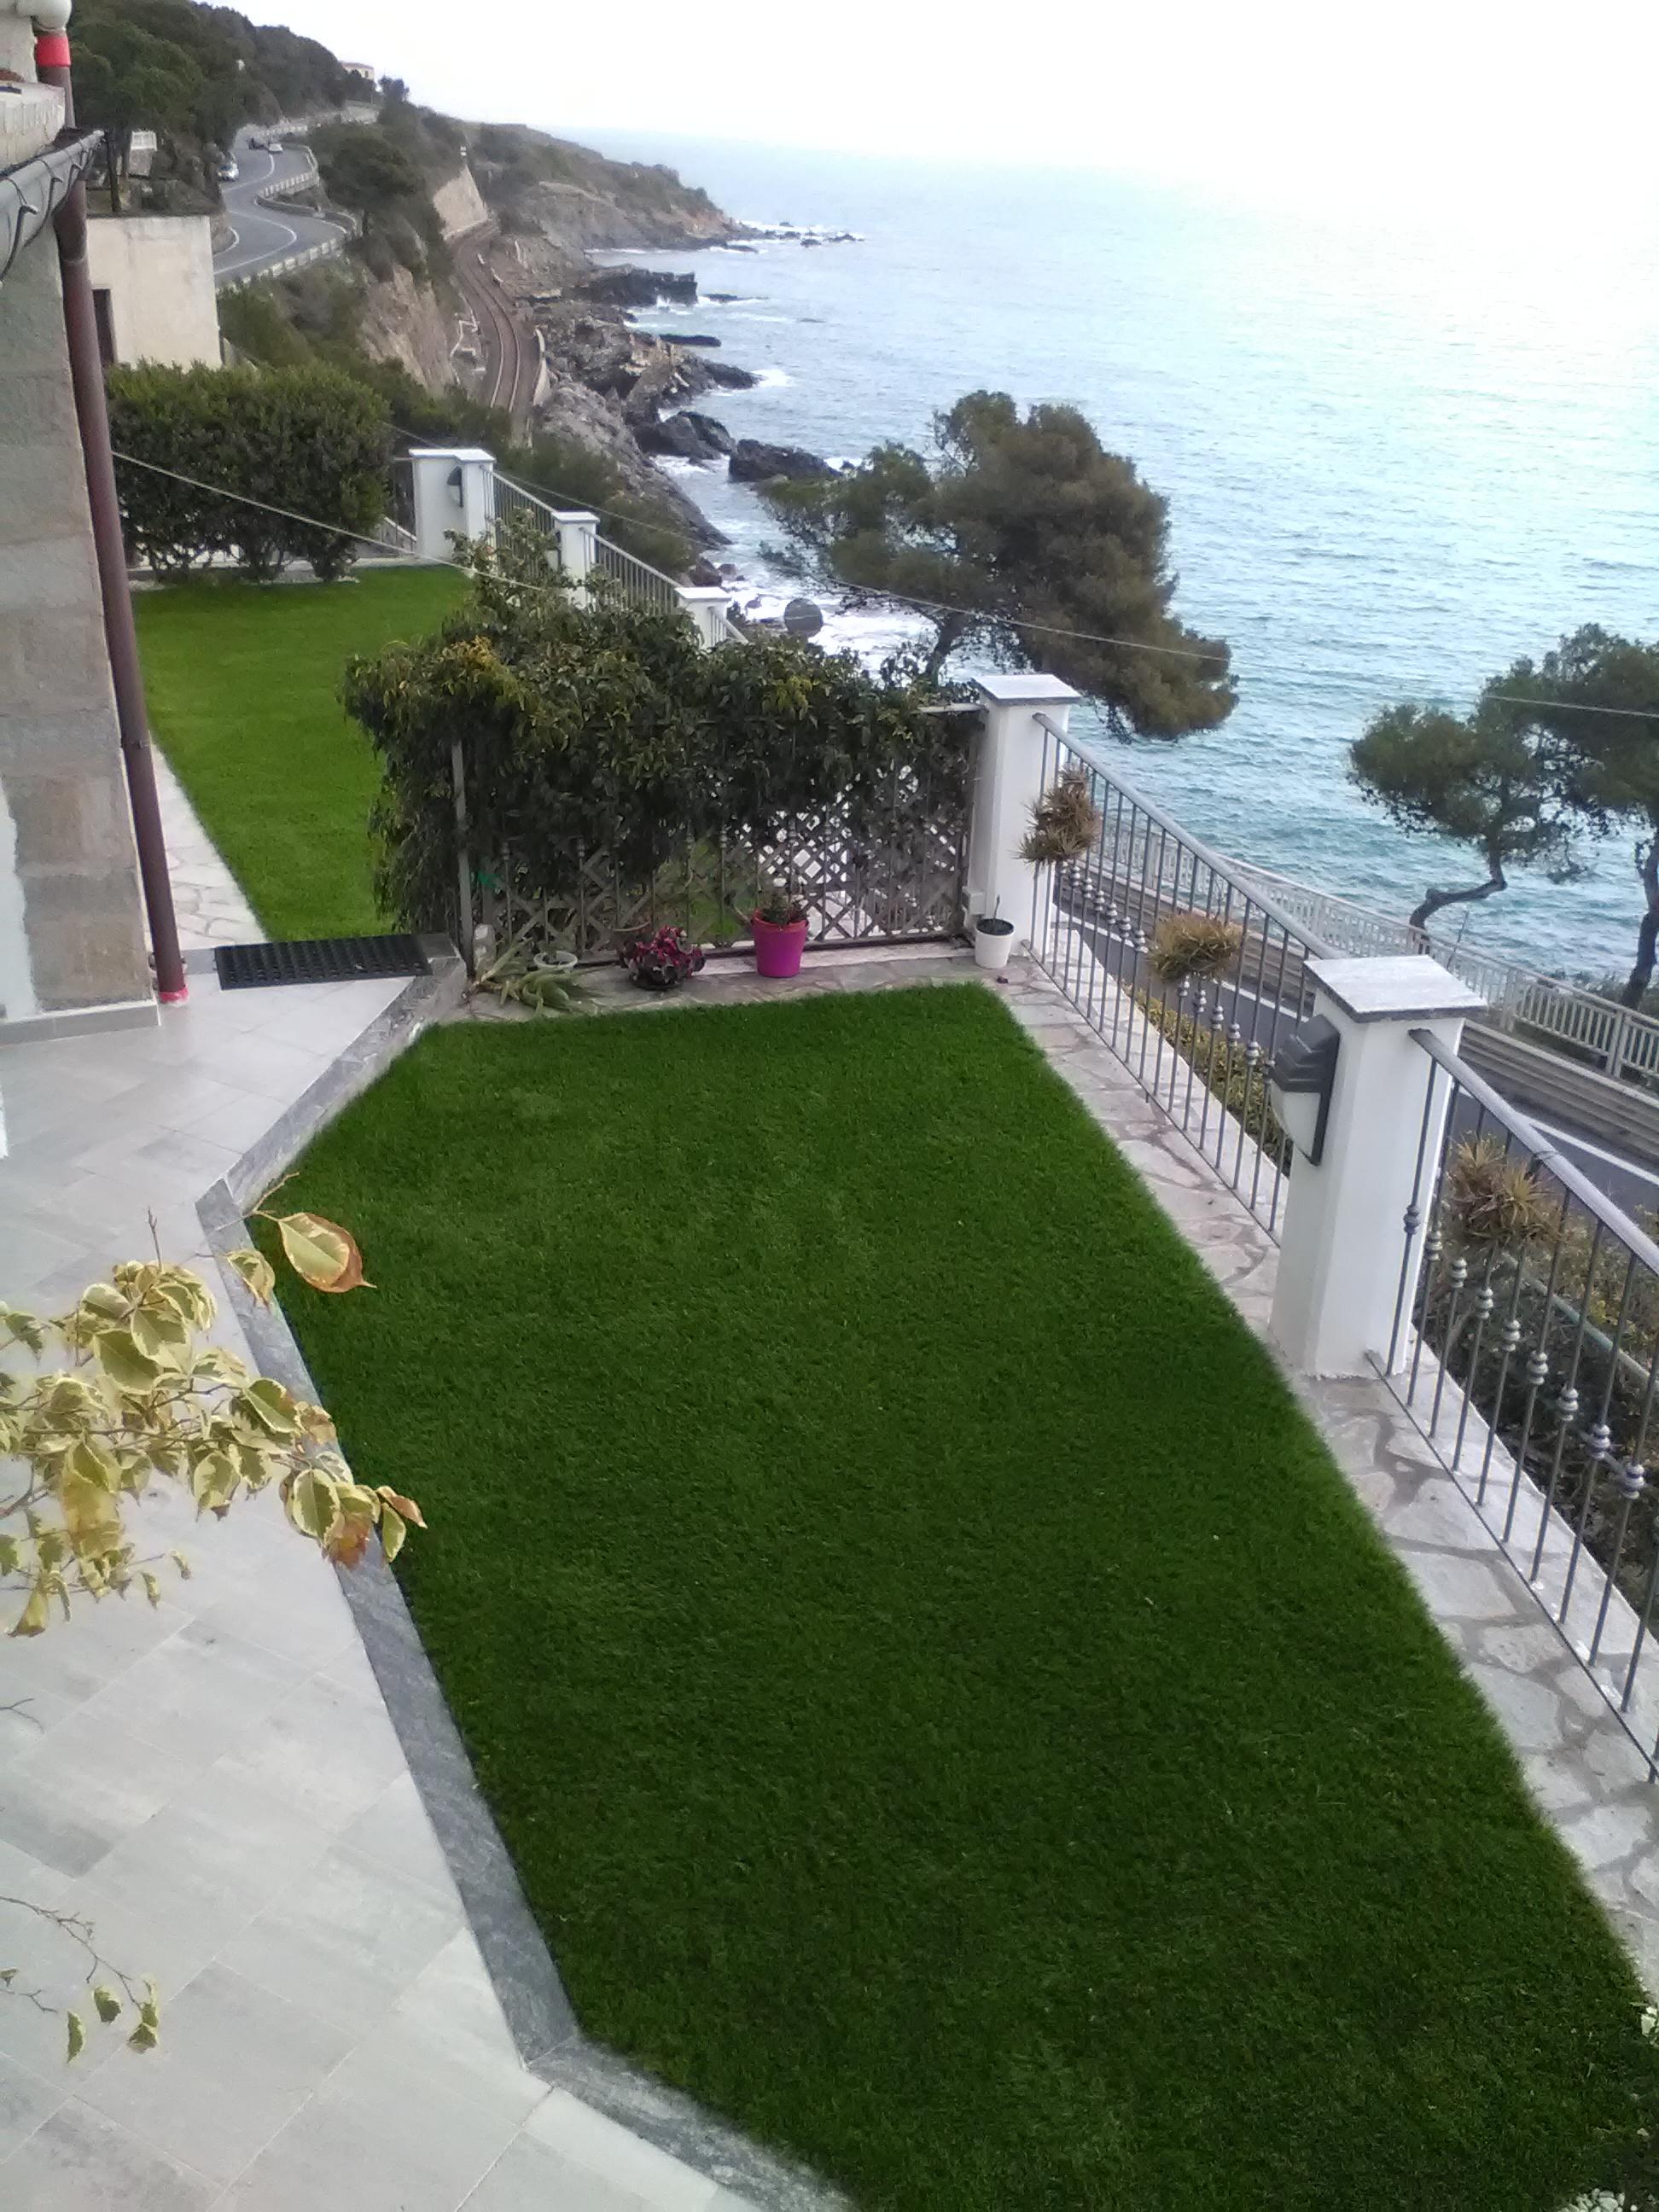 mod. Portofino Chiaro - 60 mm